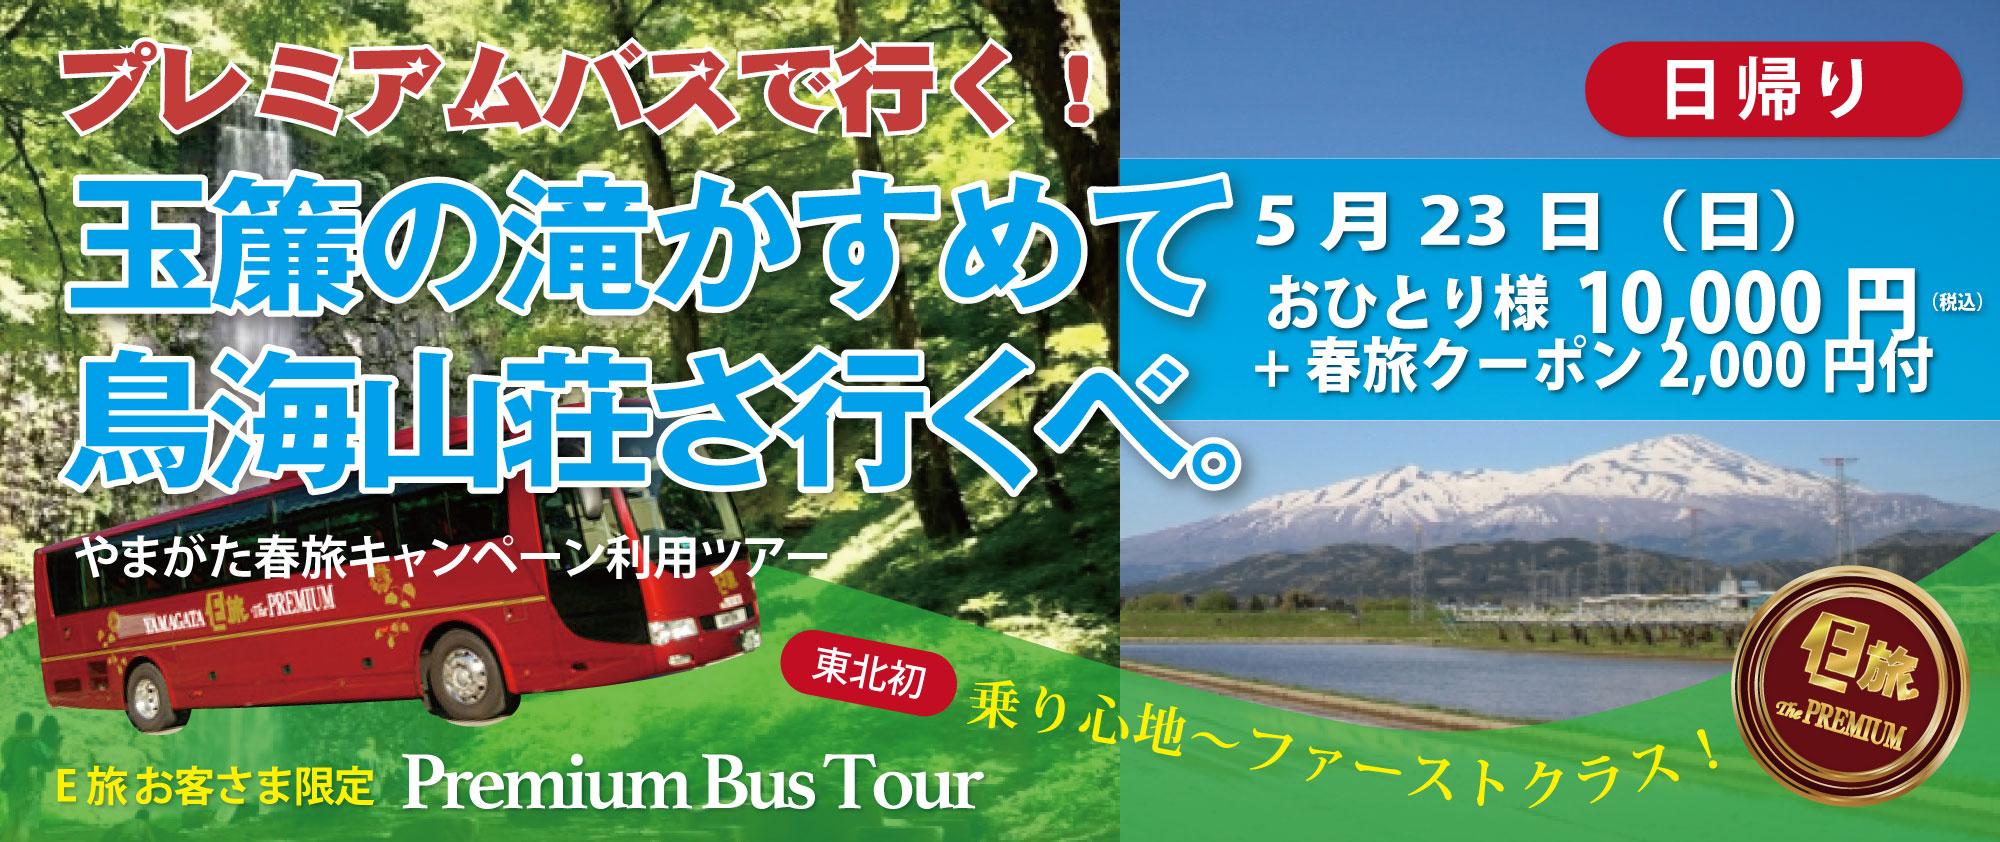 プレミアムバスで行く!玉簾の滝かすめて鳥海山荘さ行くべ。